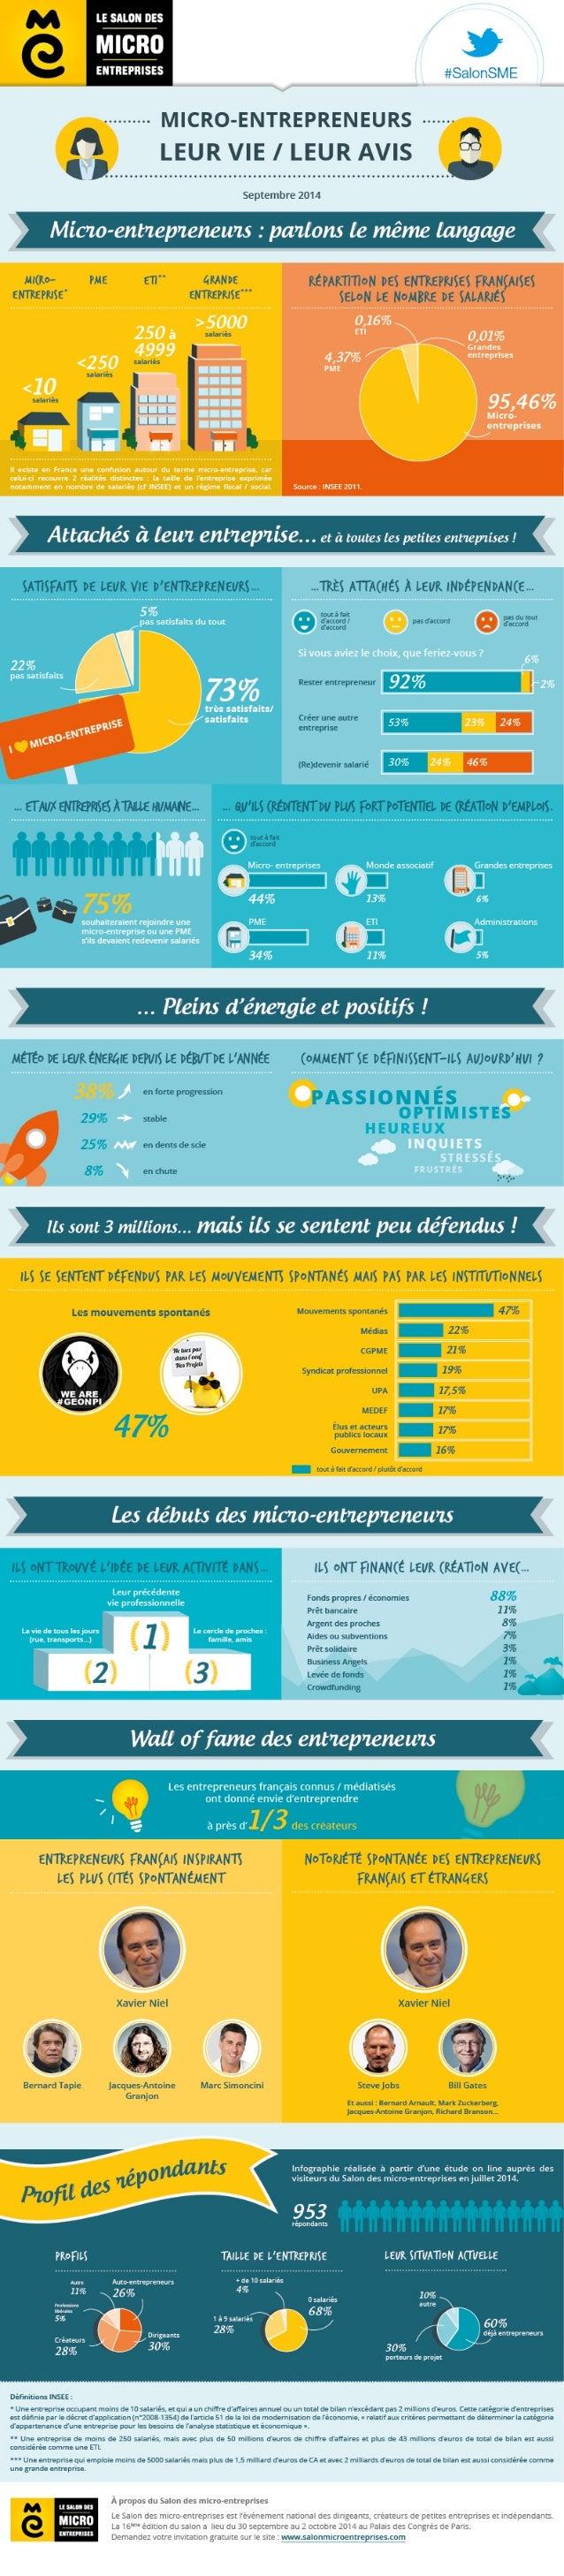 La vie des micro-entrepreneurs et des micro-entreprises en France